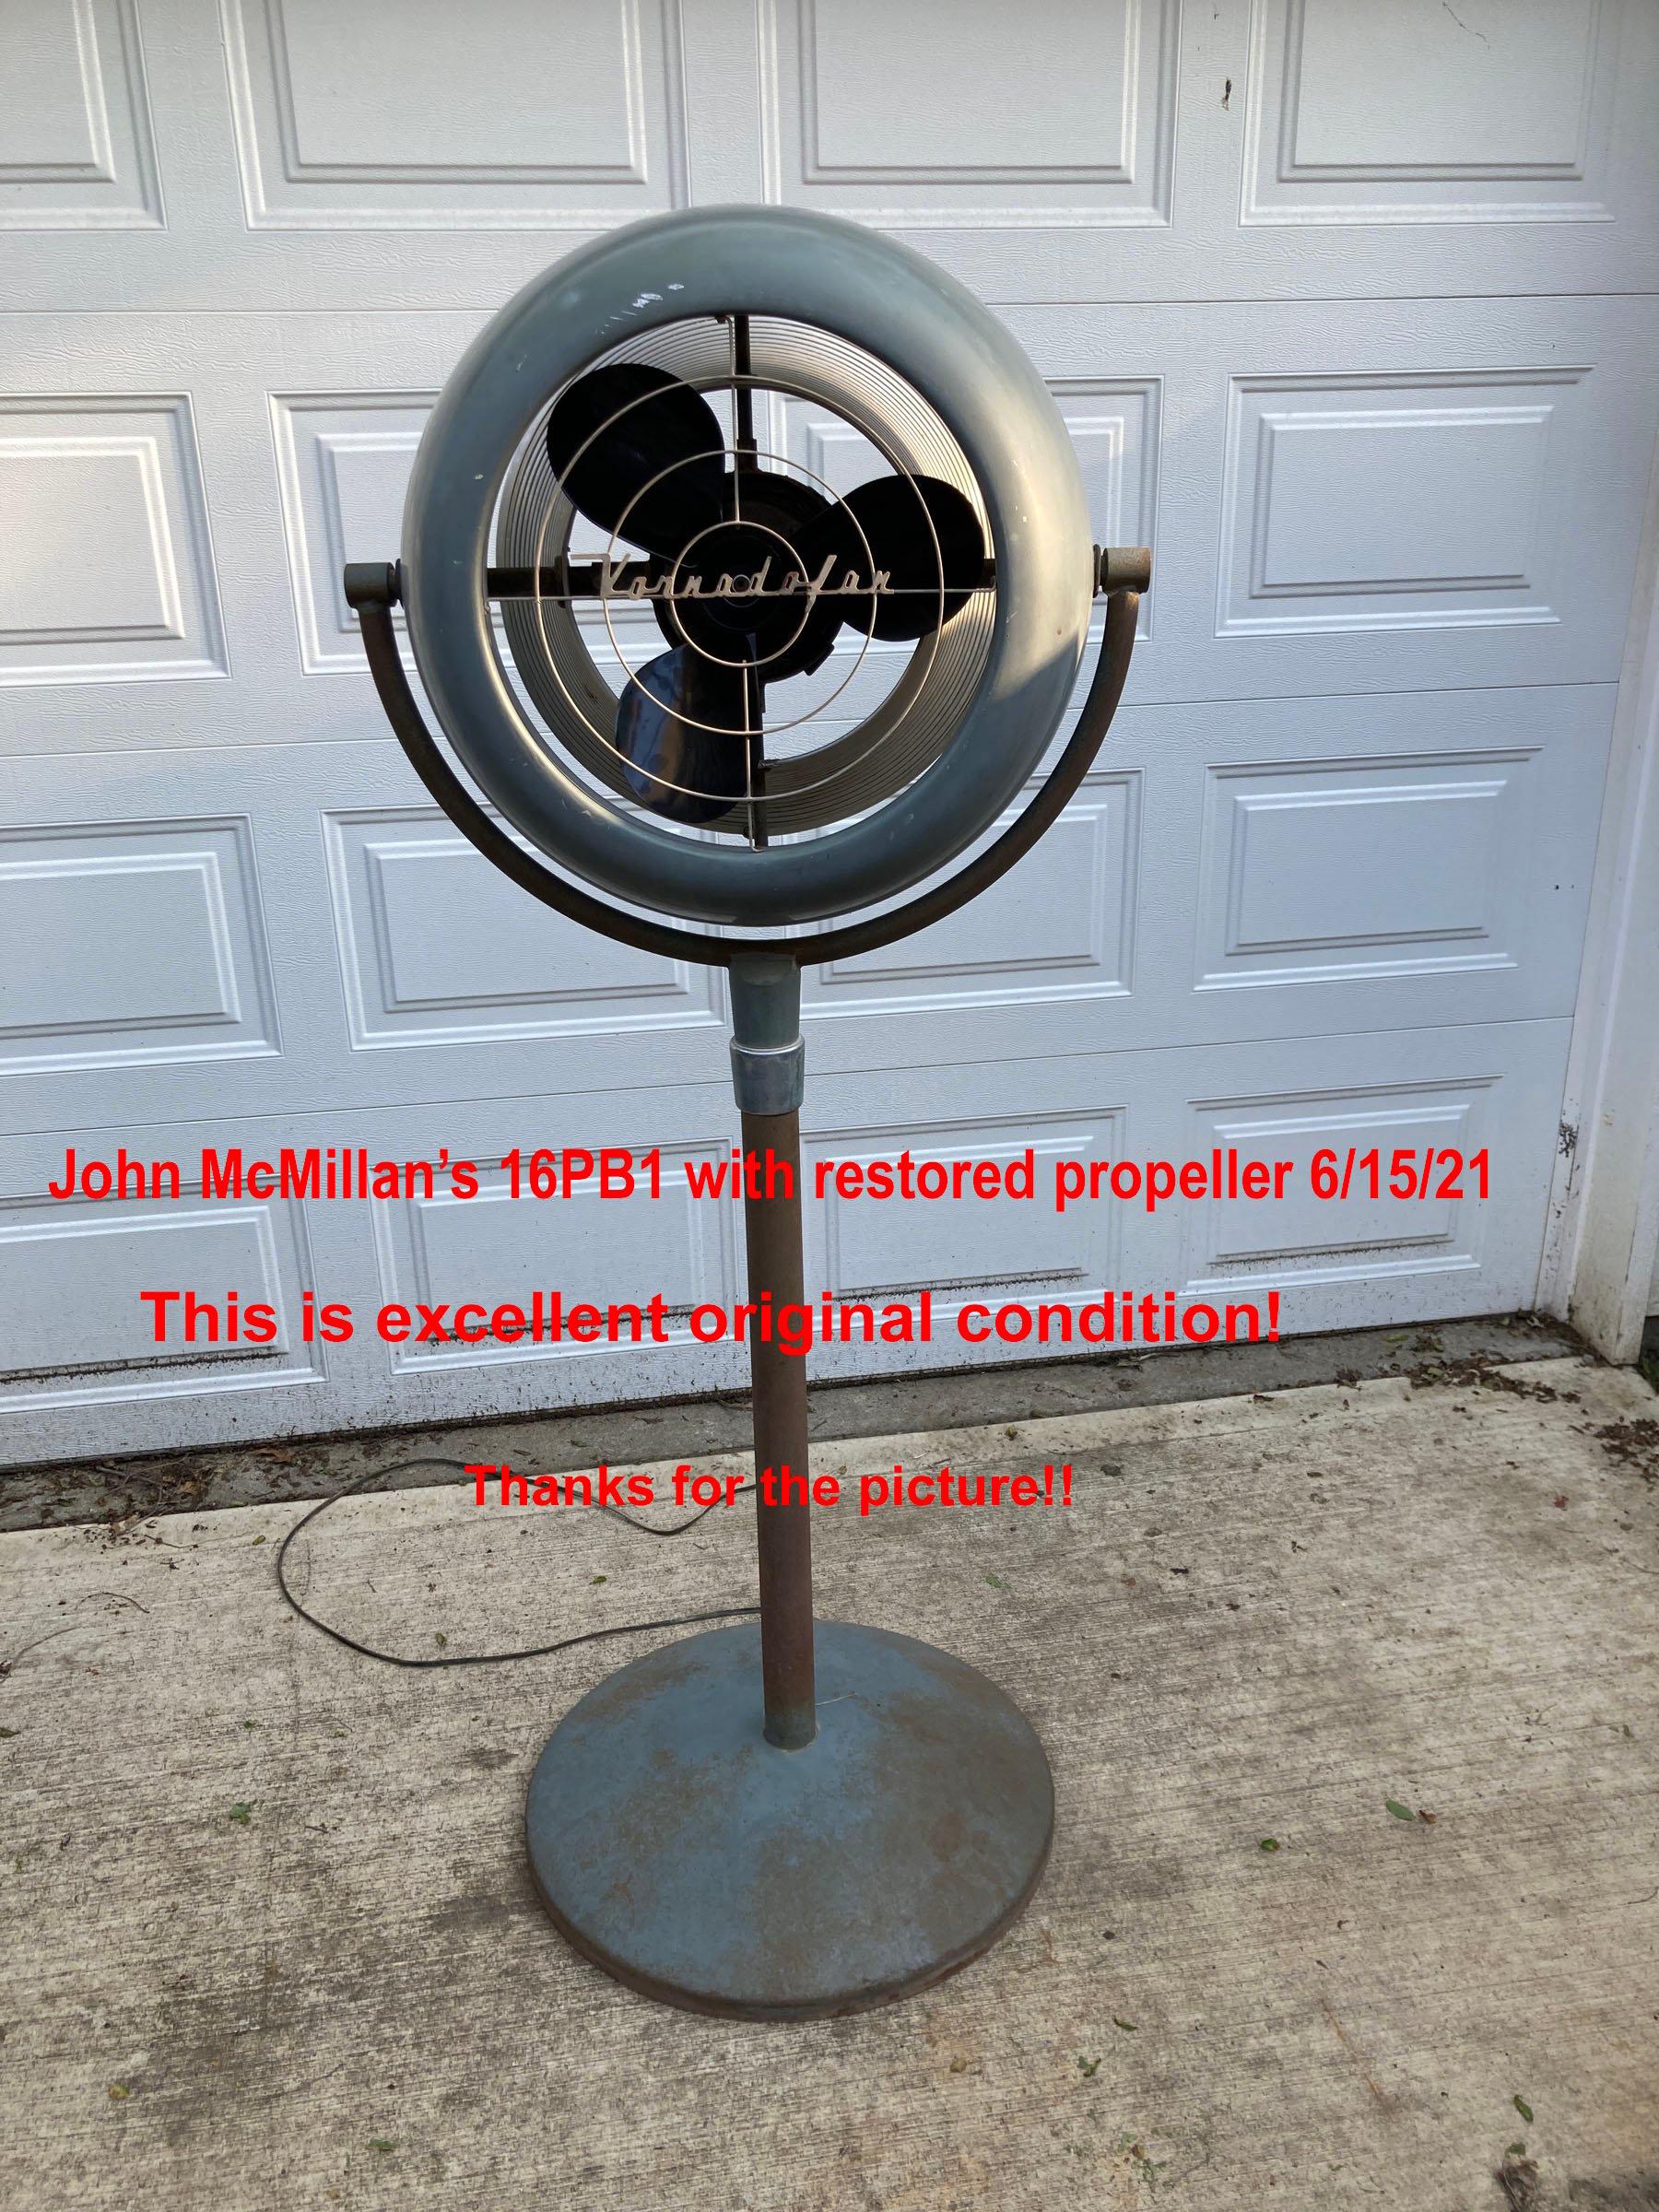 https://0201.nccdn.net/4_2/000/000/050/773/john-mcmillian-16pb1-text.jpg